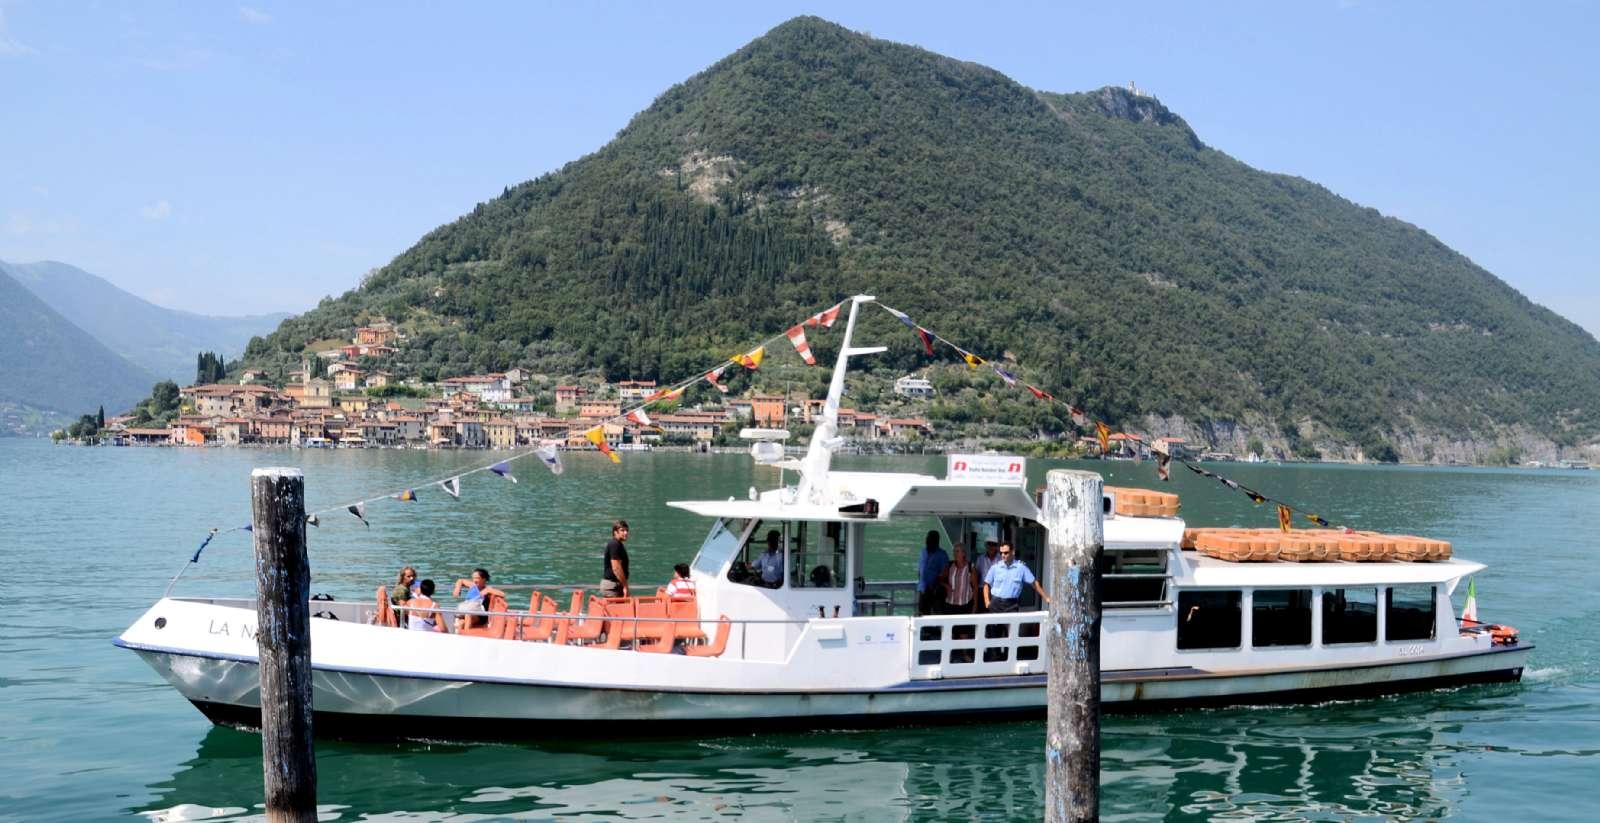 Båtfarten mellan ön Monte Isola och Sulzano på Iseosjöns bredd